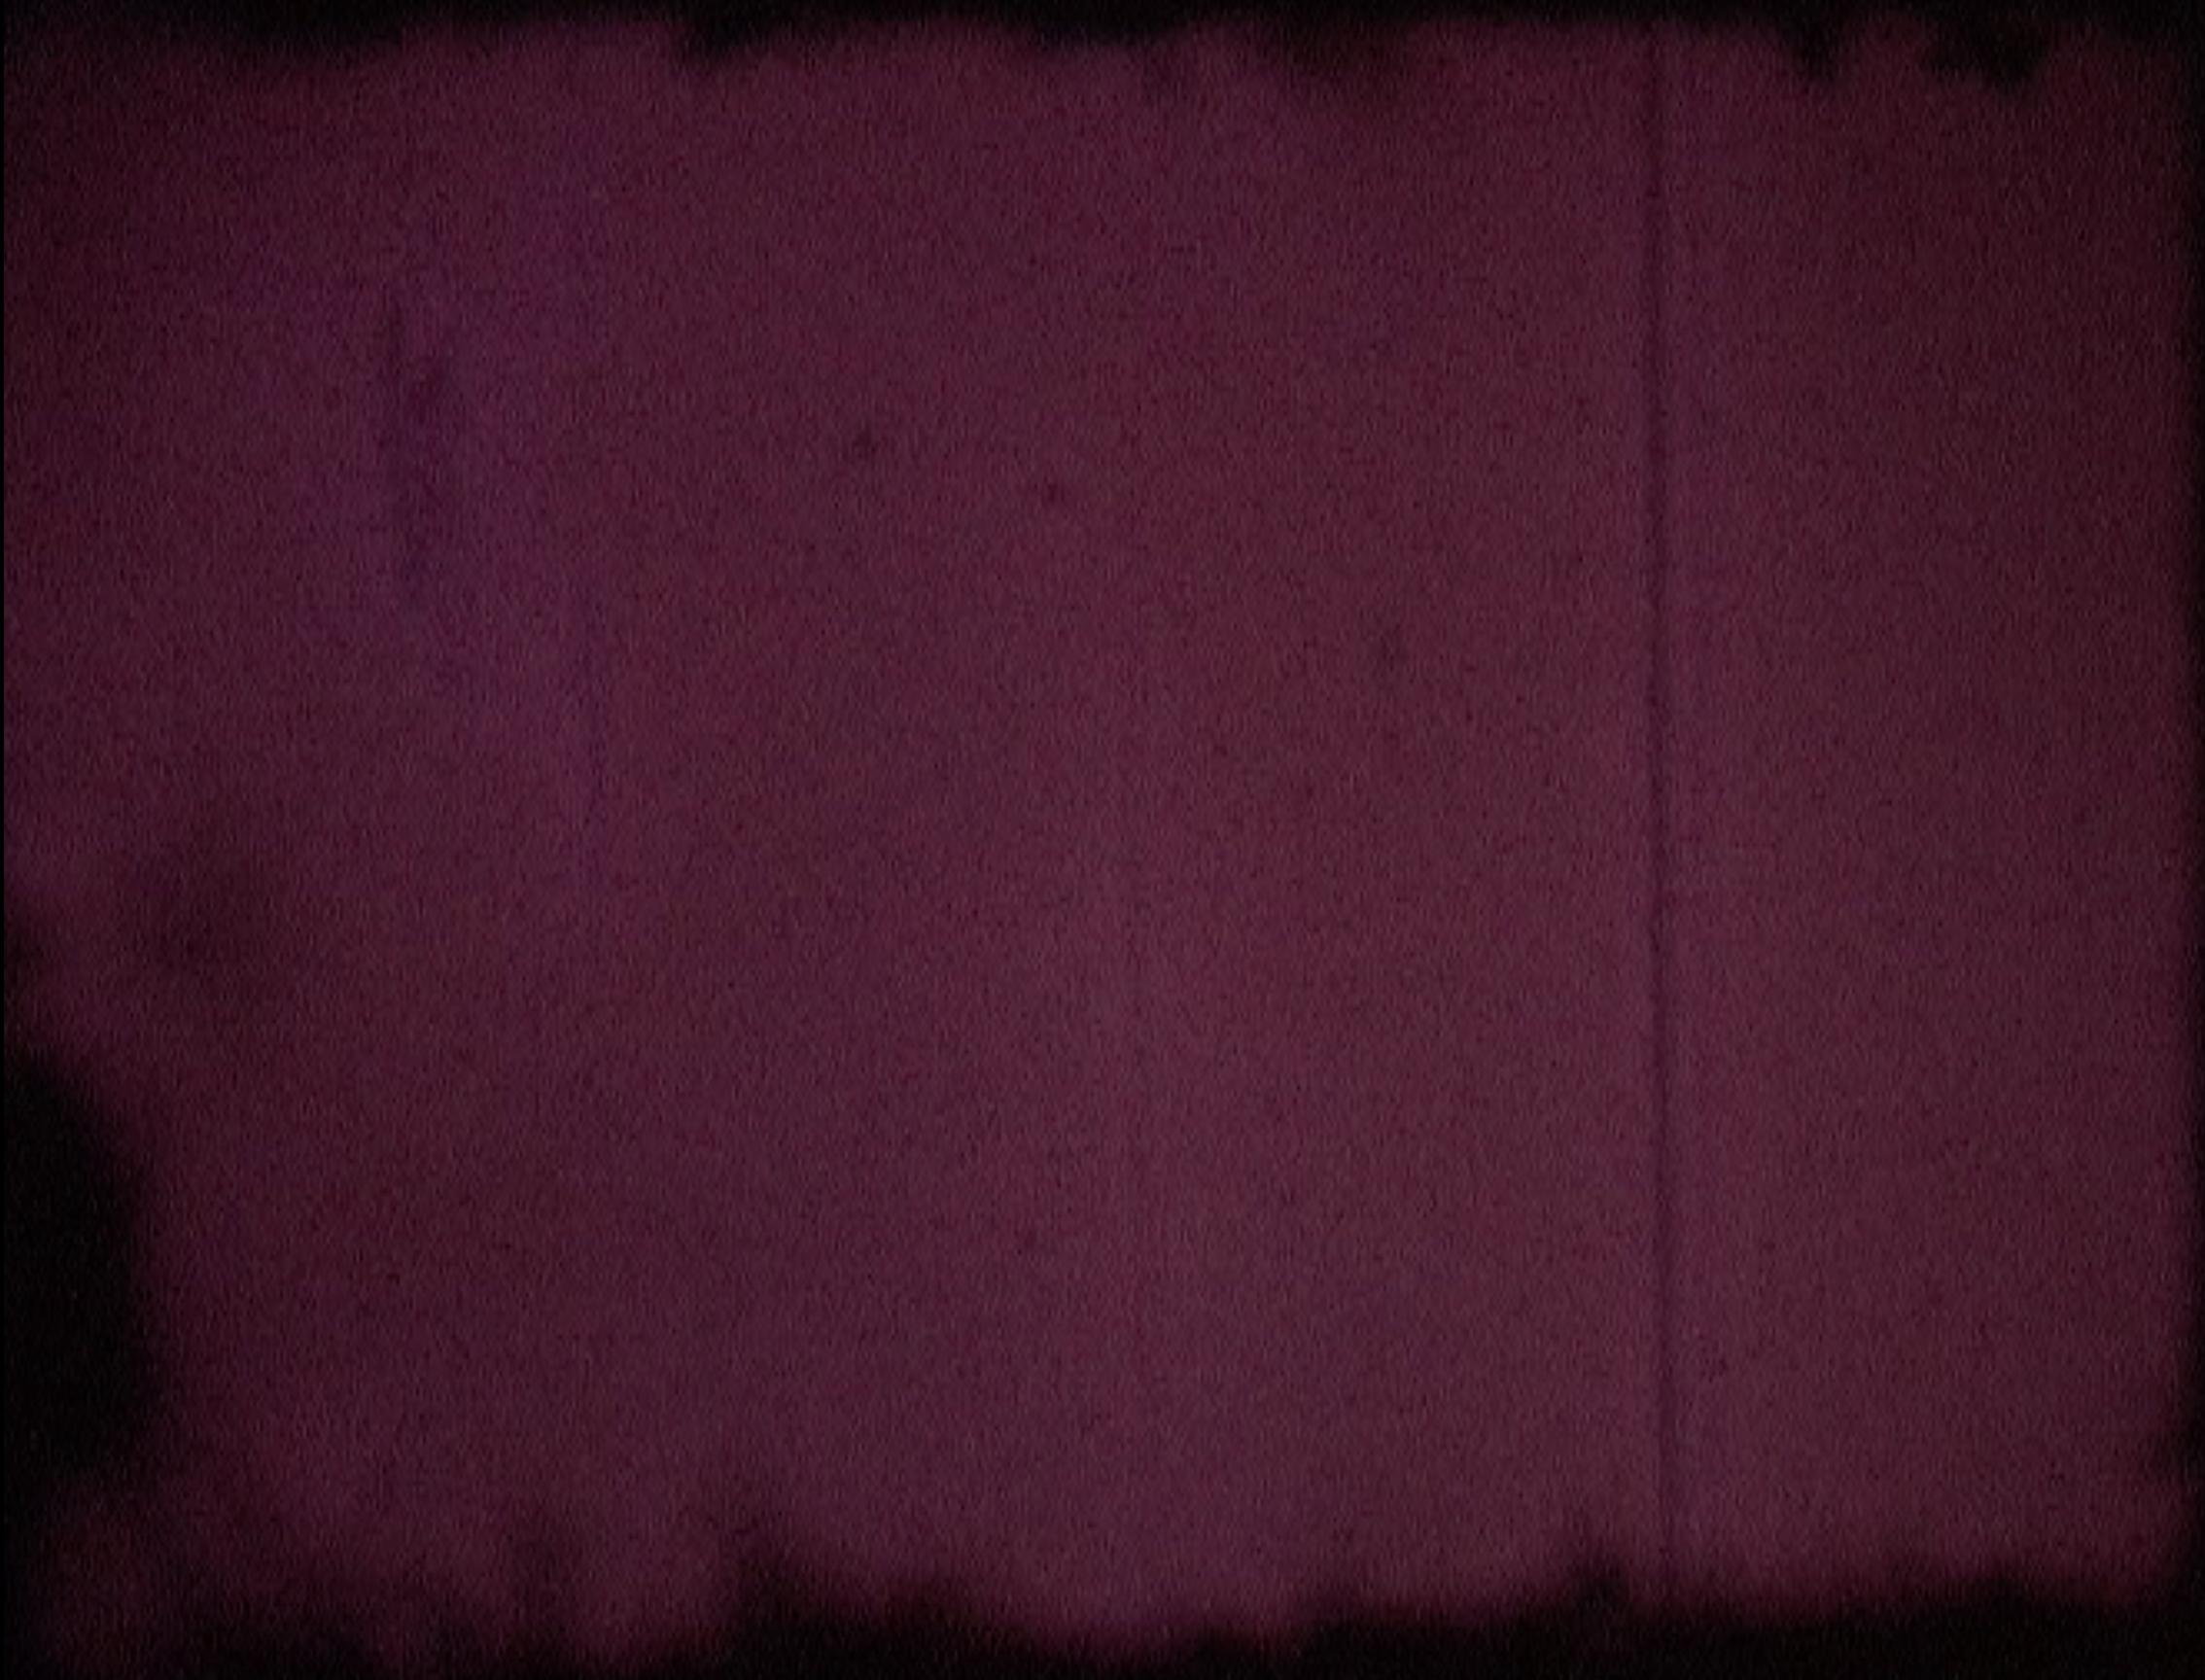 Screen Shot 2018-10-07 at 9.10.09 PM.png